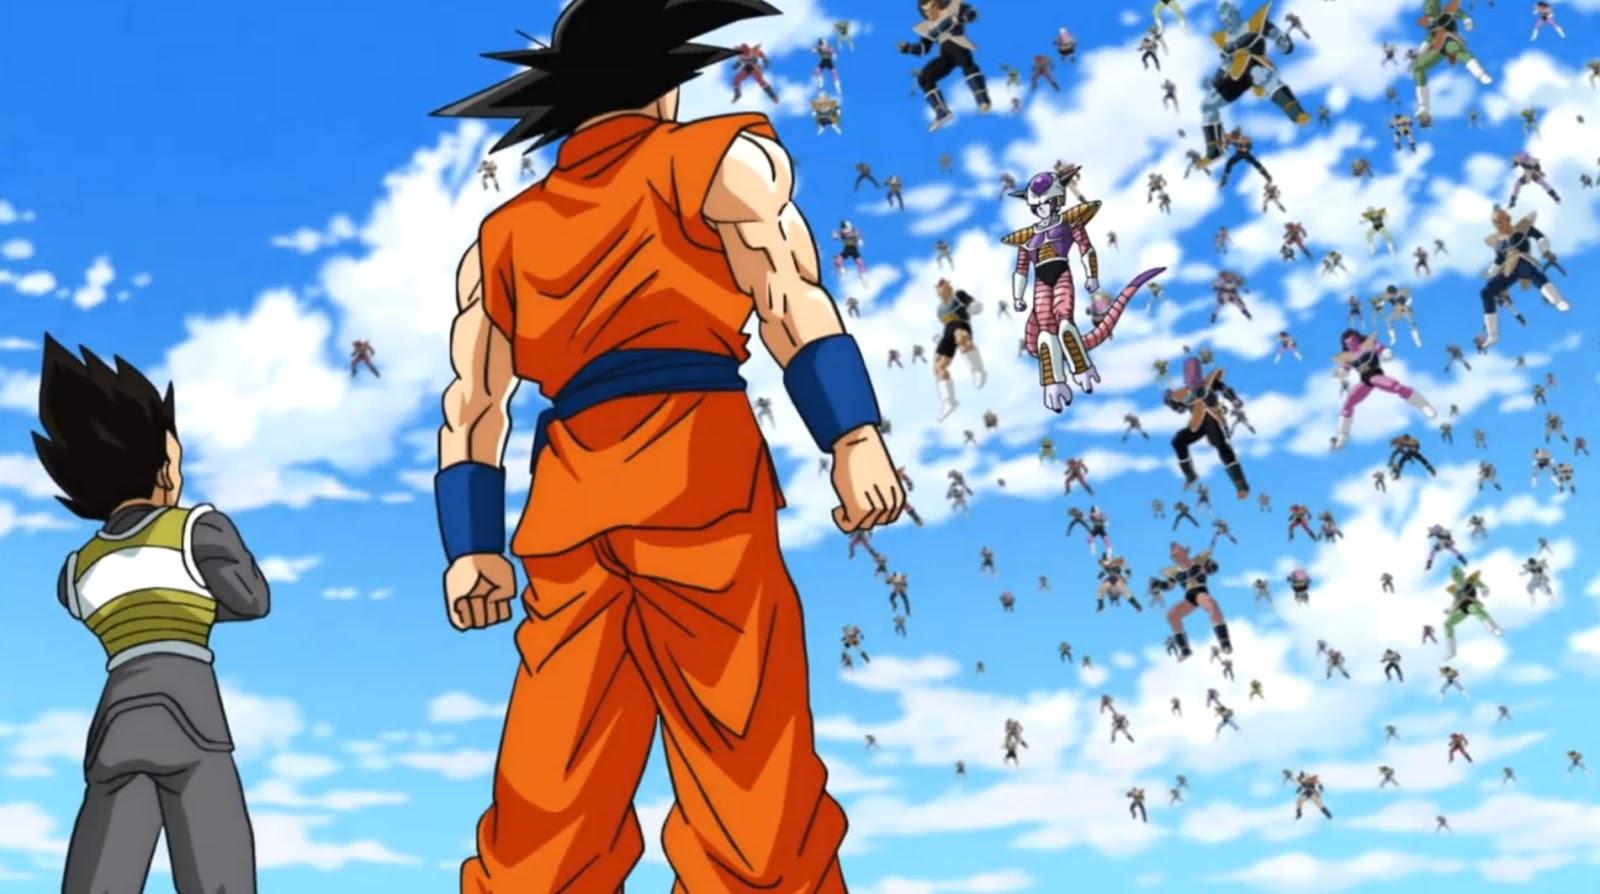 Dragon Ball Super Dublado Episódio 23, Assistir Dragon Ball Super Dublado Episódio 23, Dragon Ball Super Dublado , Dragon Ball Super Dublado - Episódio 23,